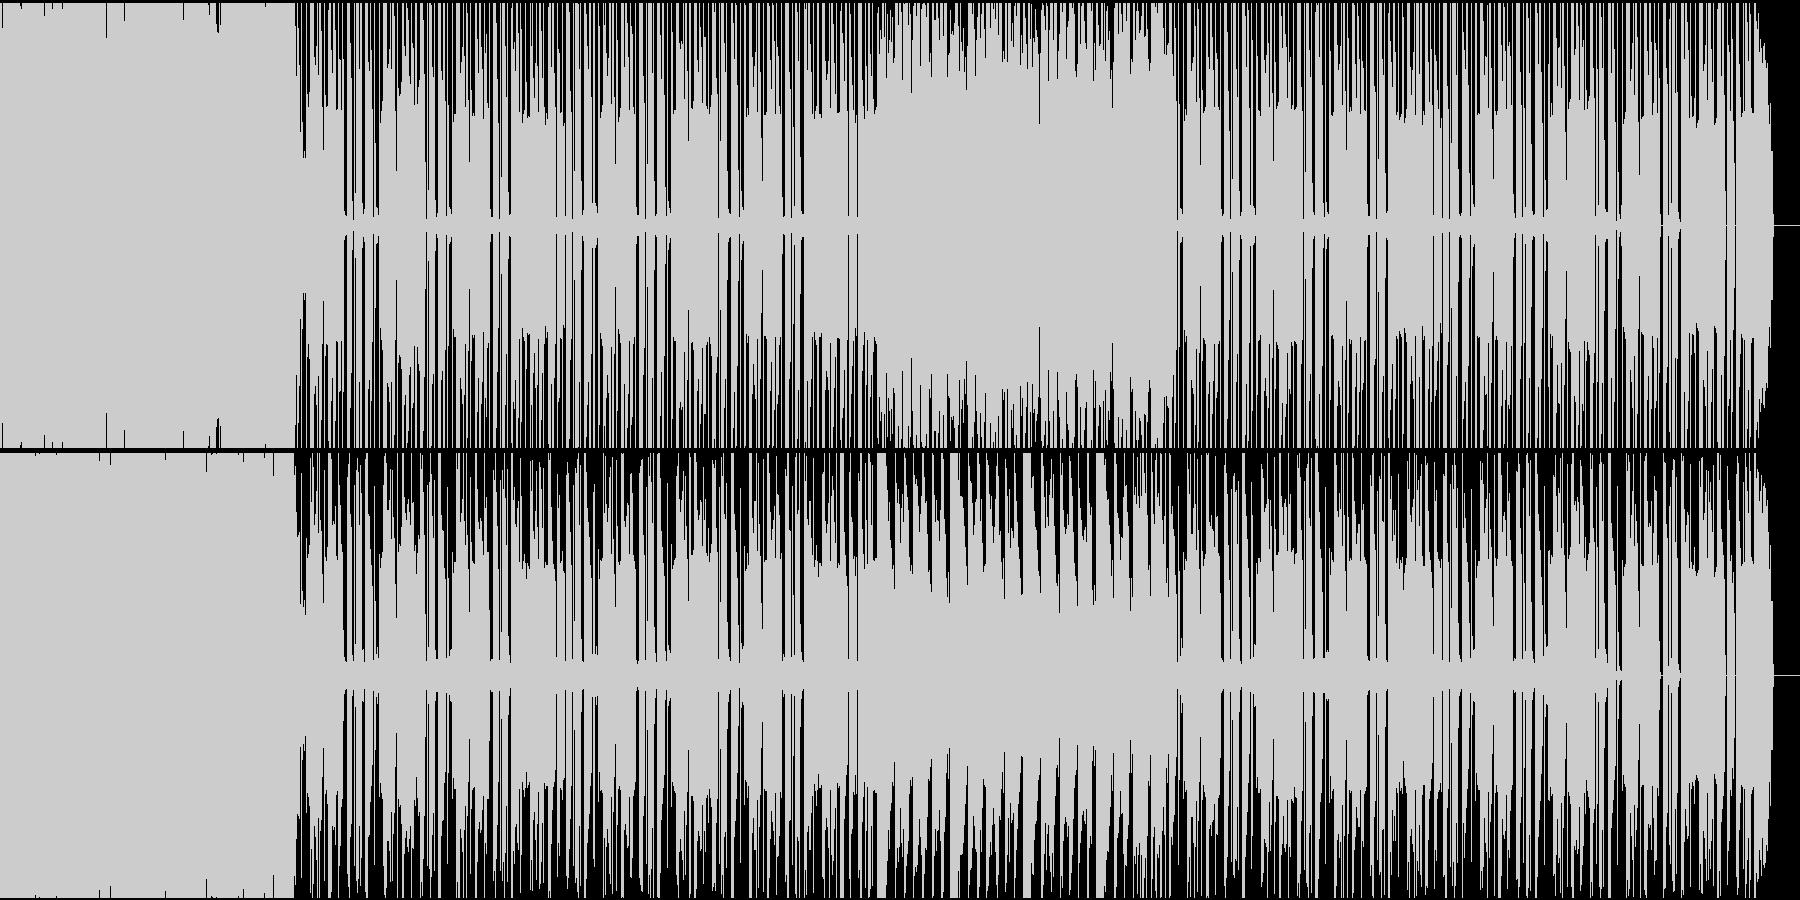 特徴的なシンセ音を使った可愛いポップ曲の未再生の波形